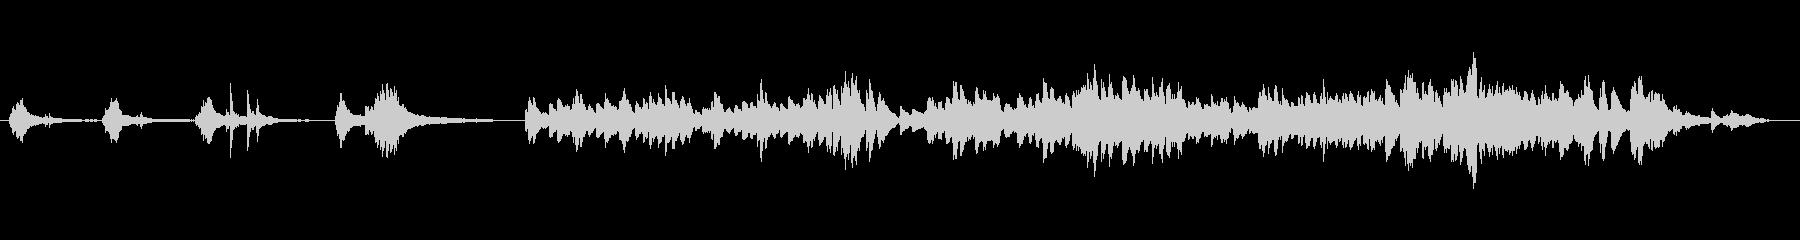 綺麗でうっとりした響きの生ピアノサウンドの未再生の波形